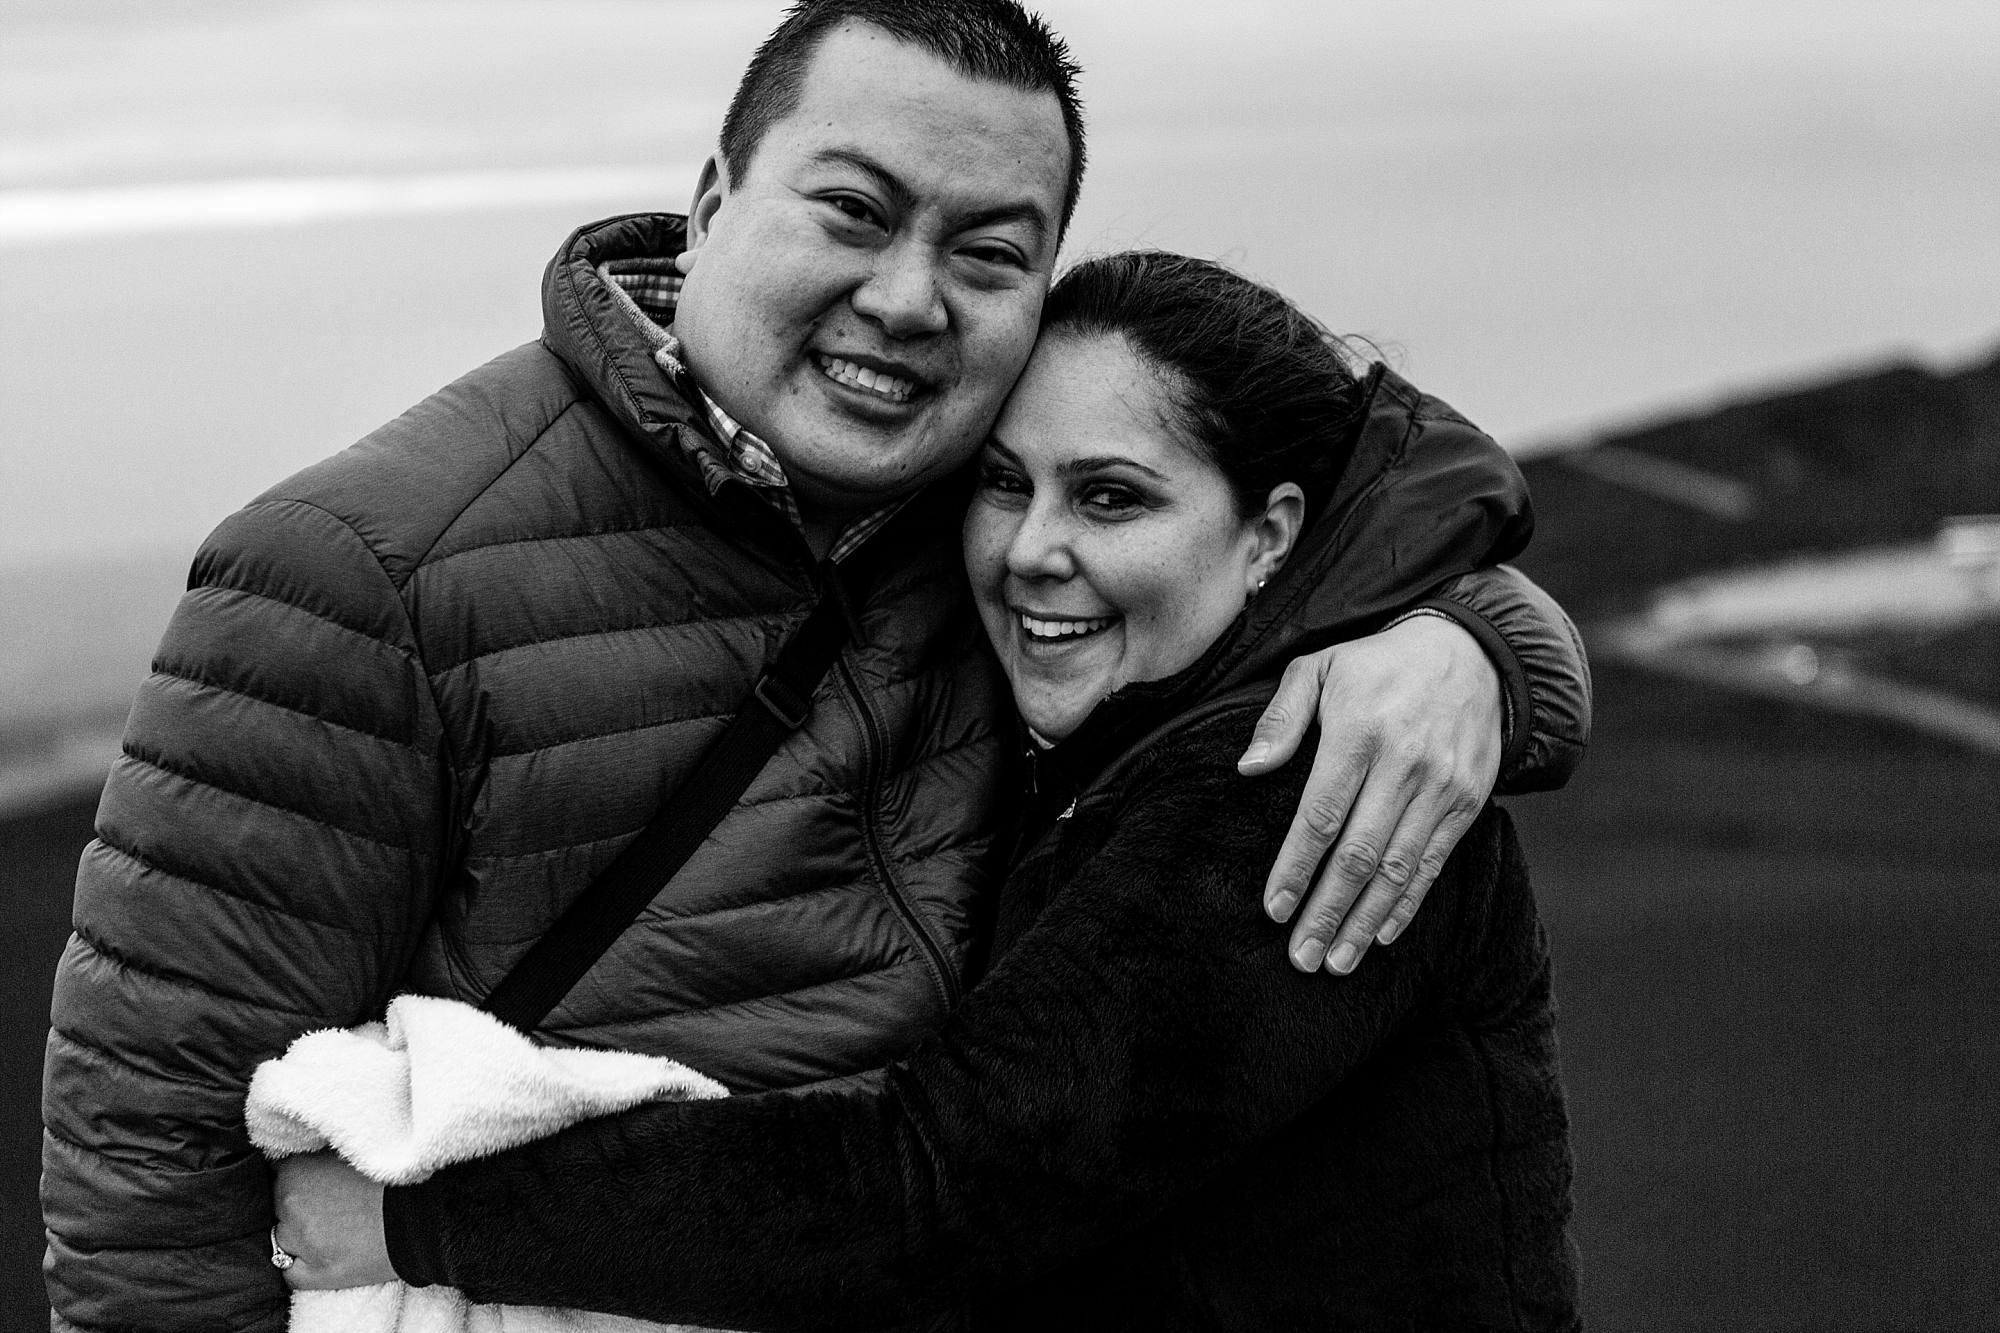 black and white image of newly engaged couple